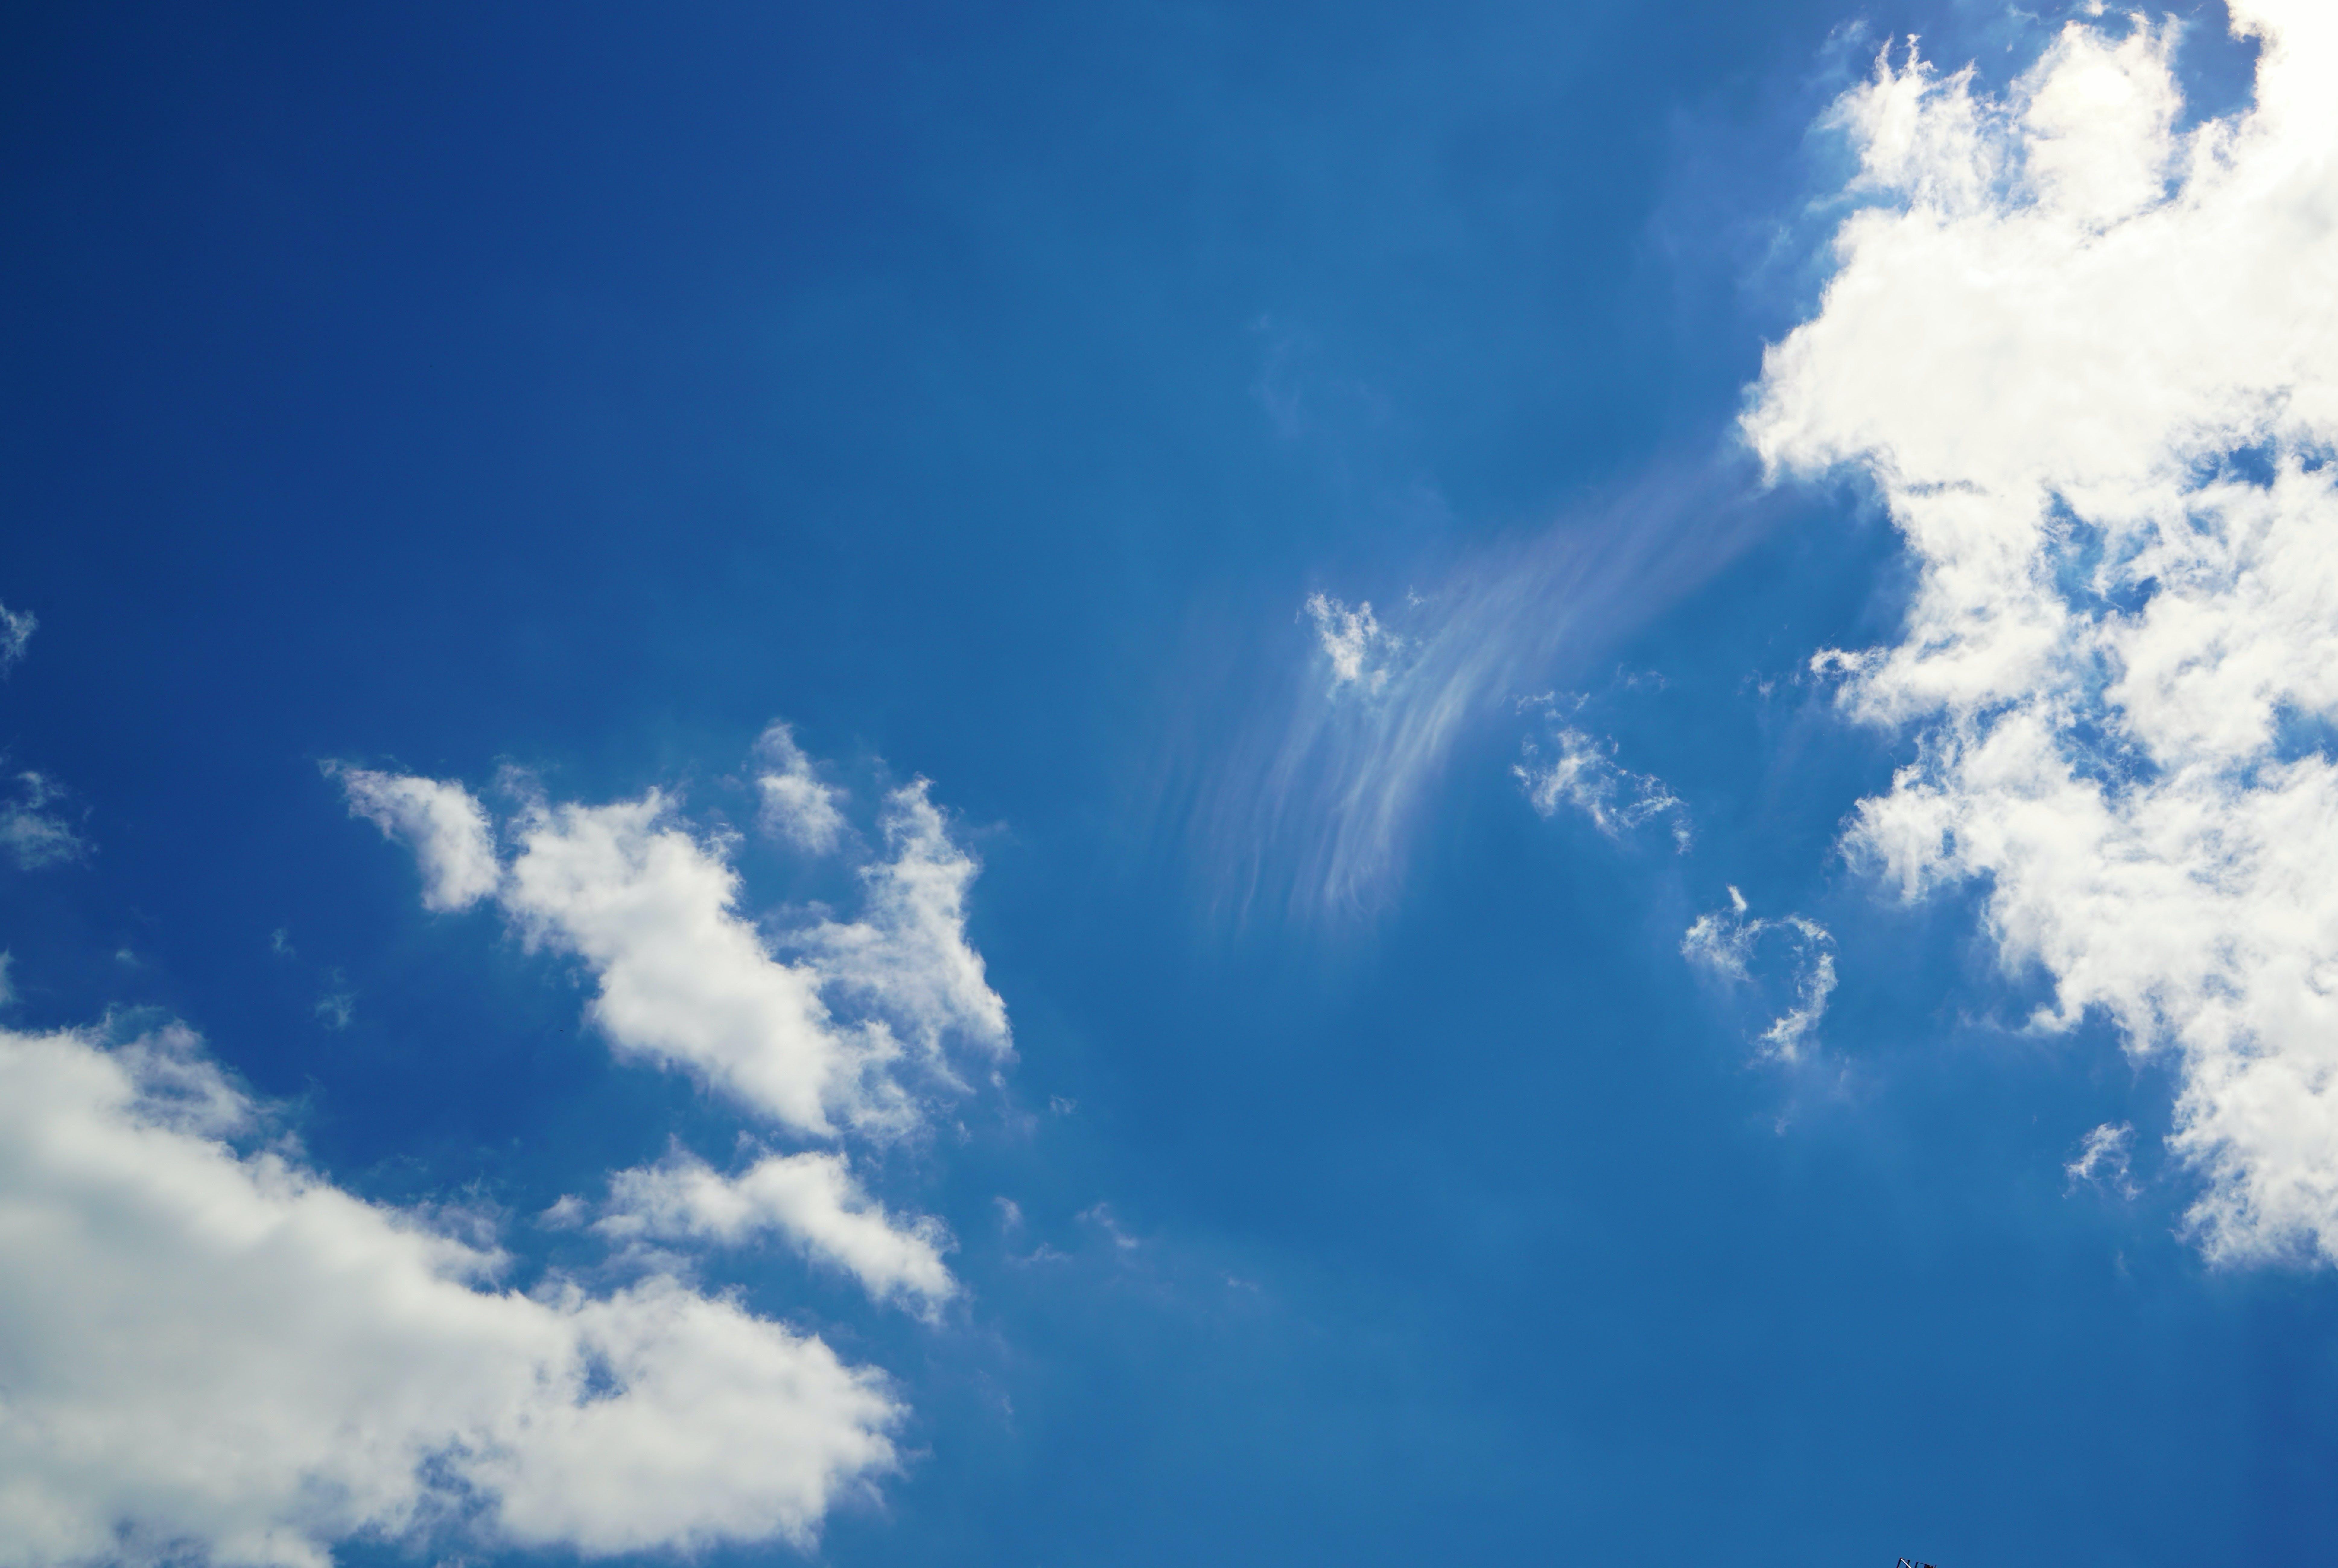 blue sky, clouds, sky